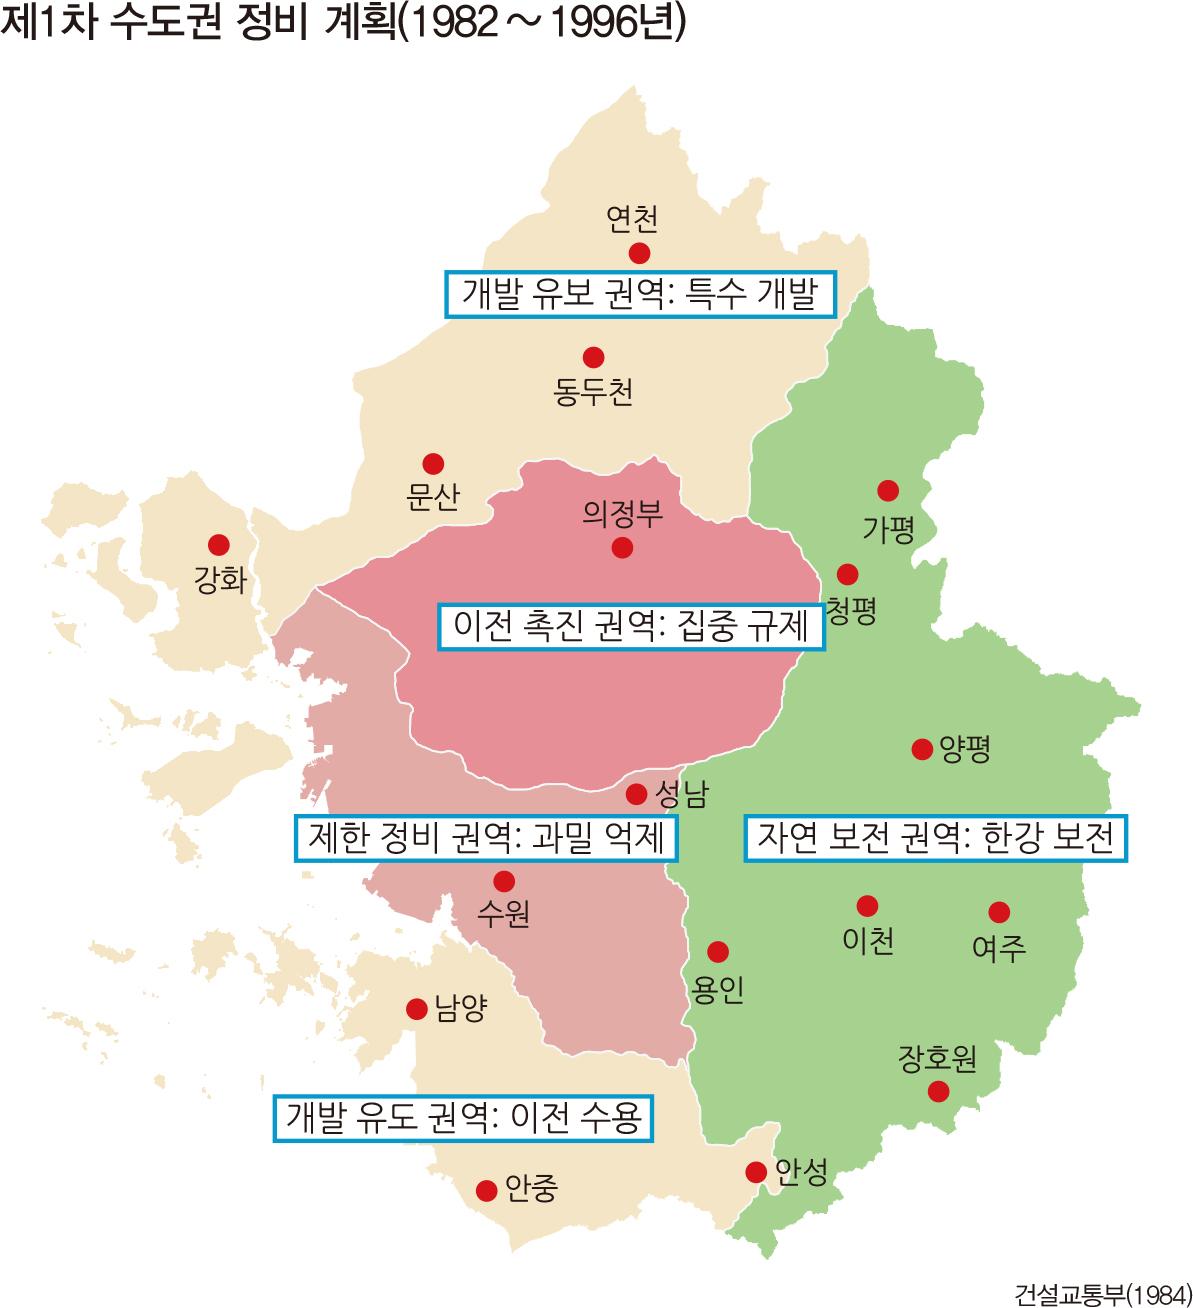 제1차 수도권 정비 계획(1982~1996년)